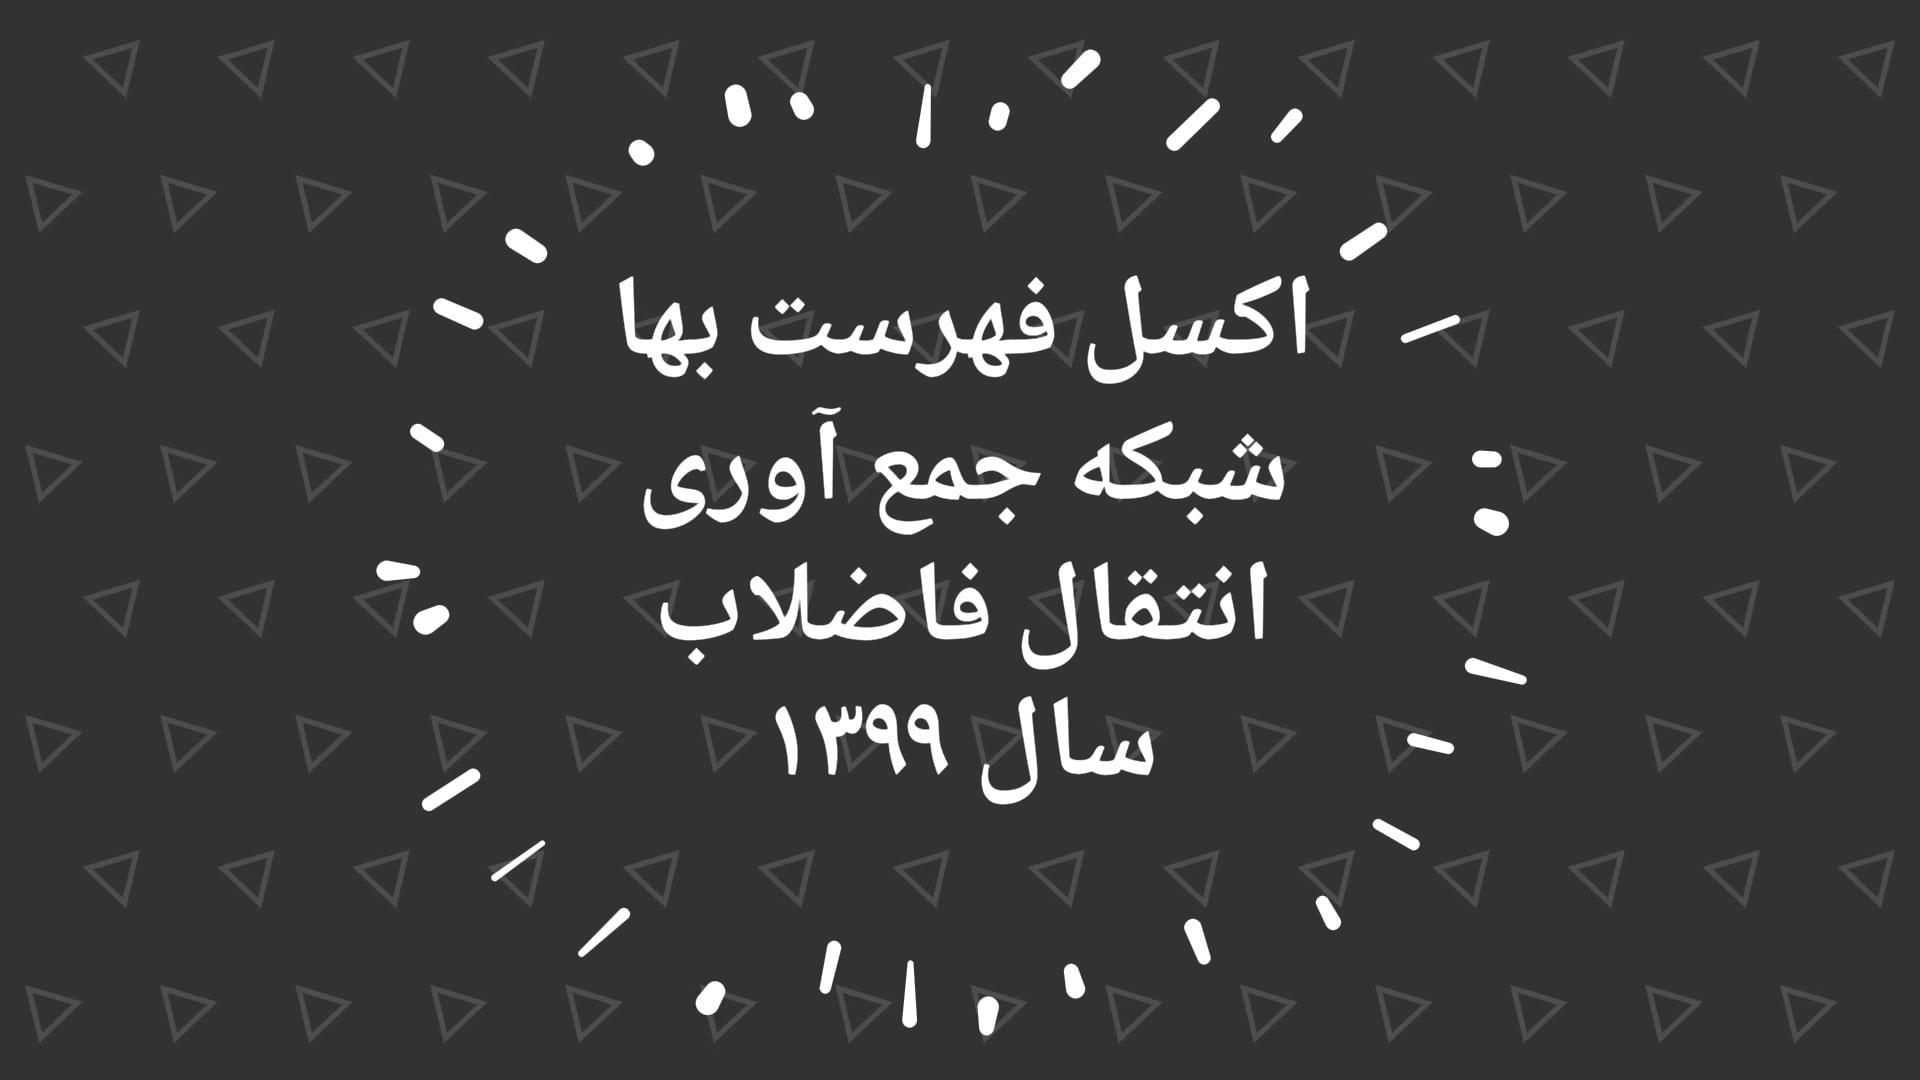 اکسل فهرست بها شبکه جمع آوری و انتقال فاضلاب سال 1399